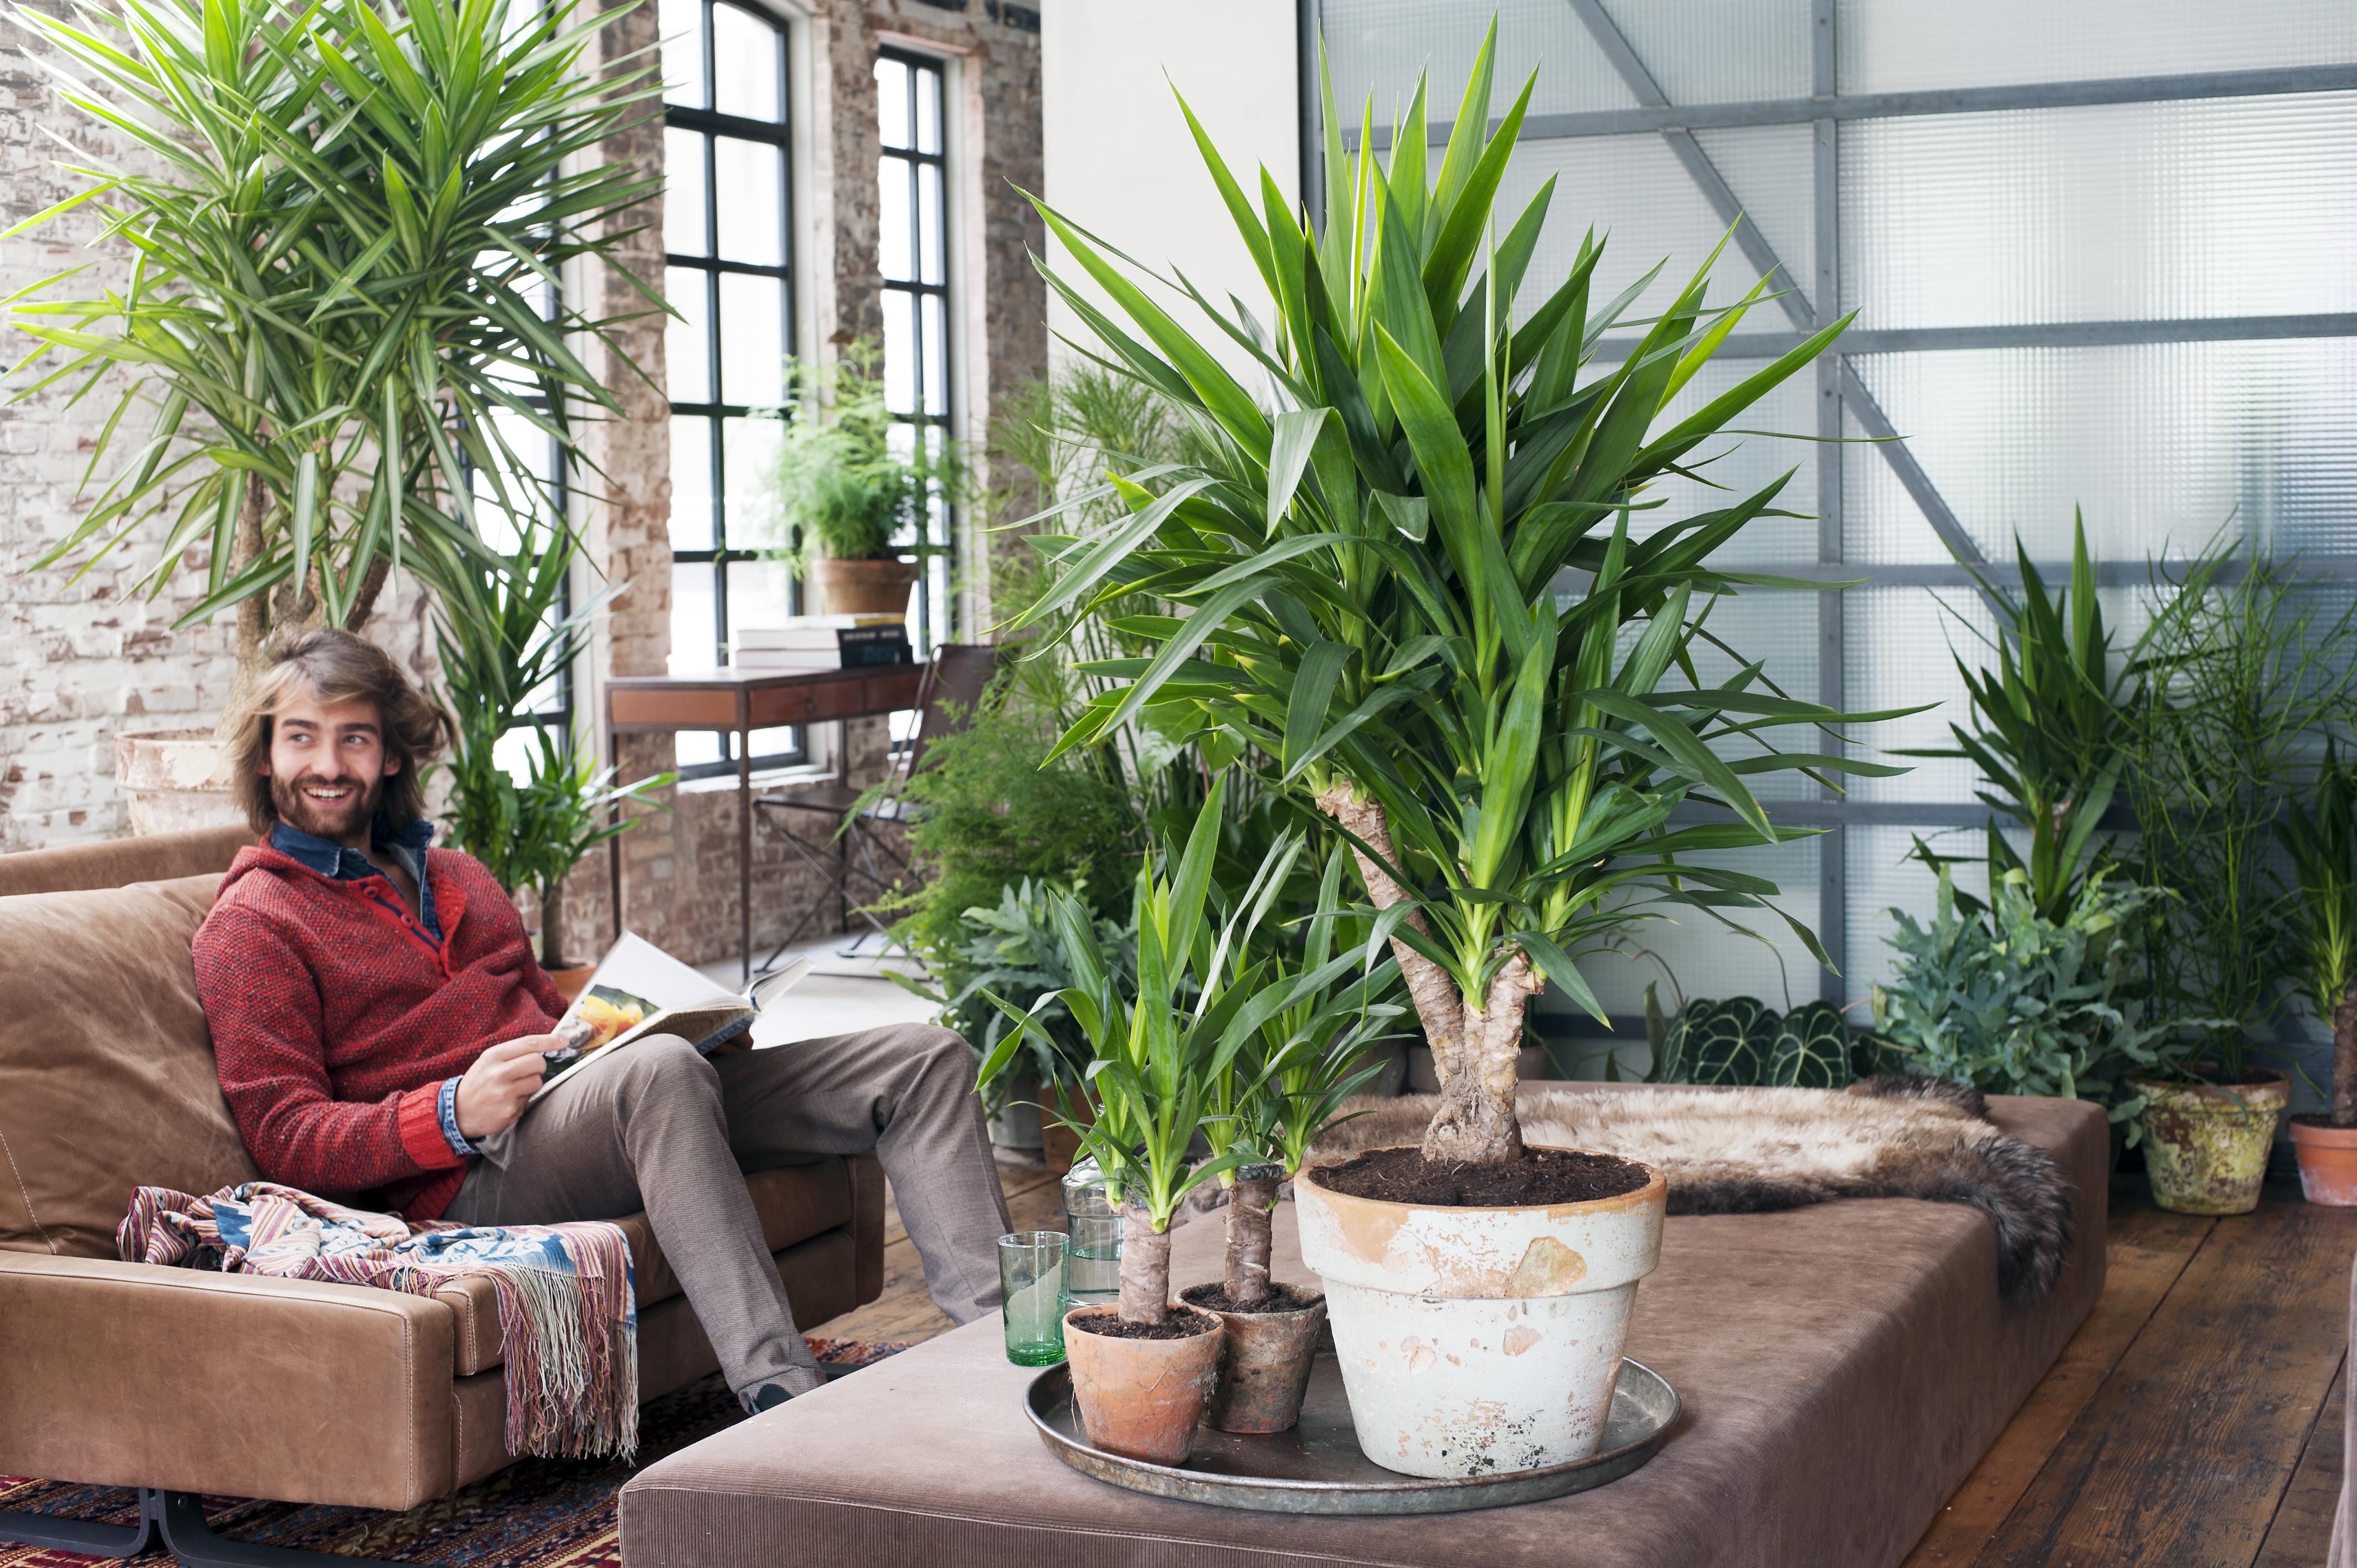 Le yucca a chaque mois sa plante janvier 2015 office for Plante haute interieur